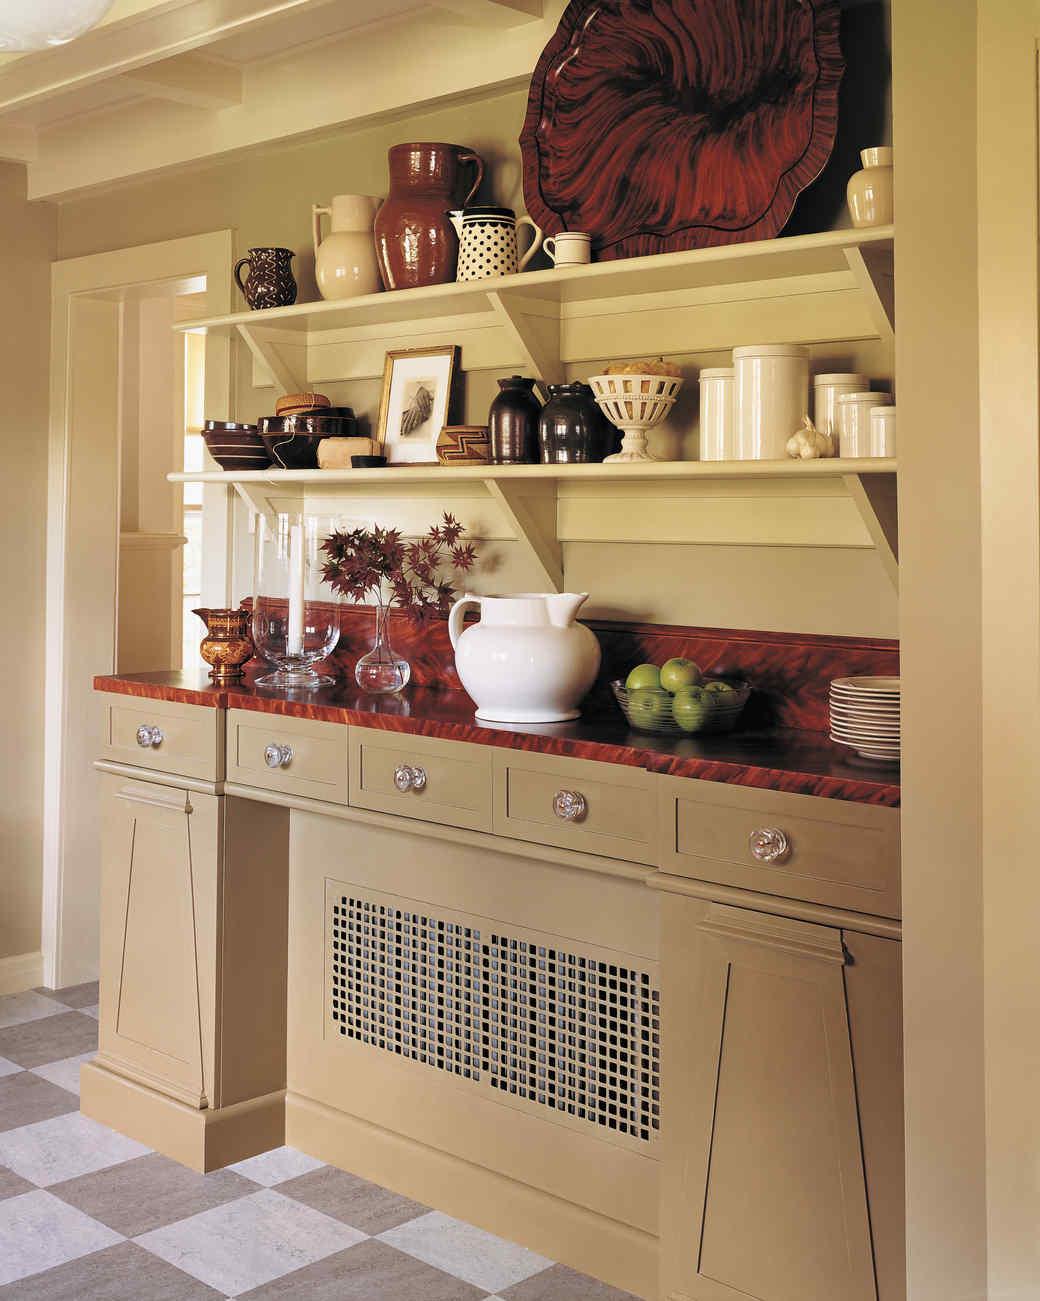 kitchen-redefined-20-d99500-0915.jpg